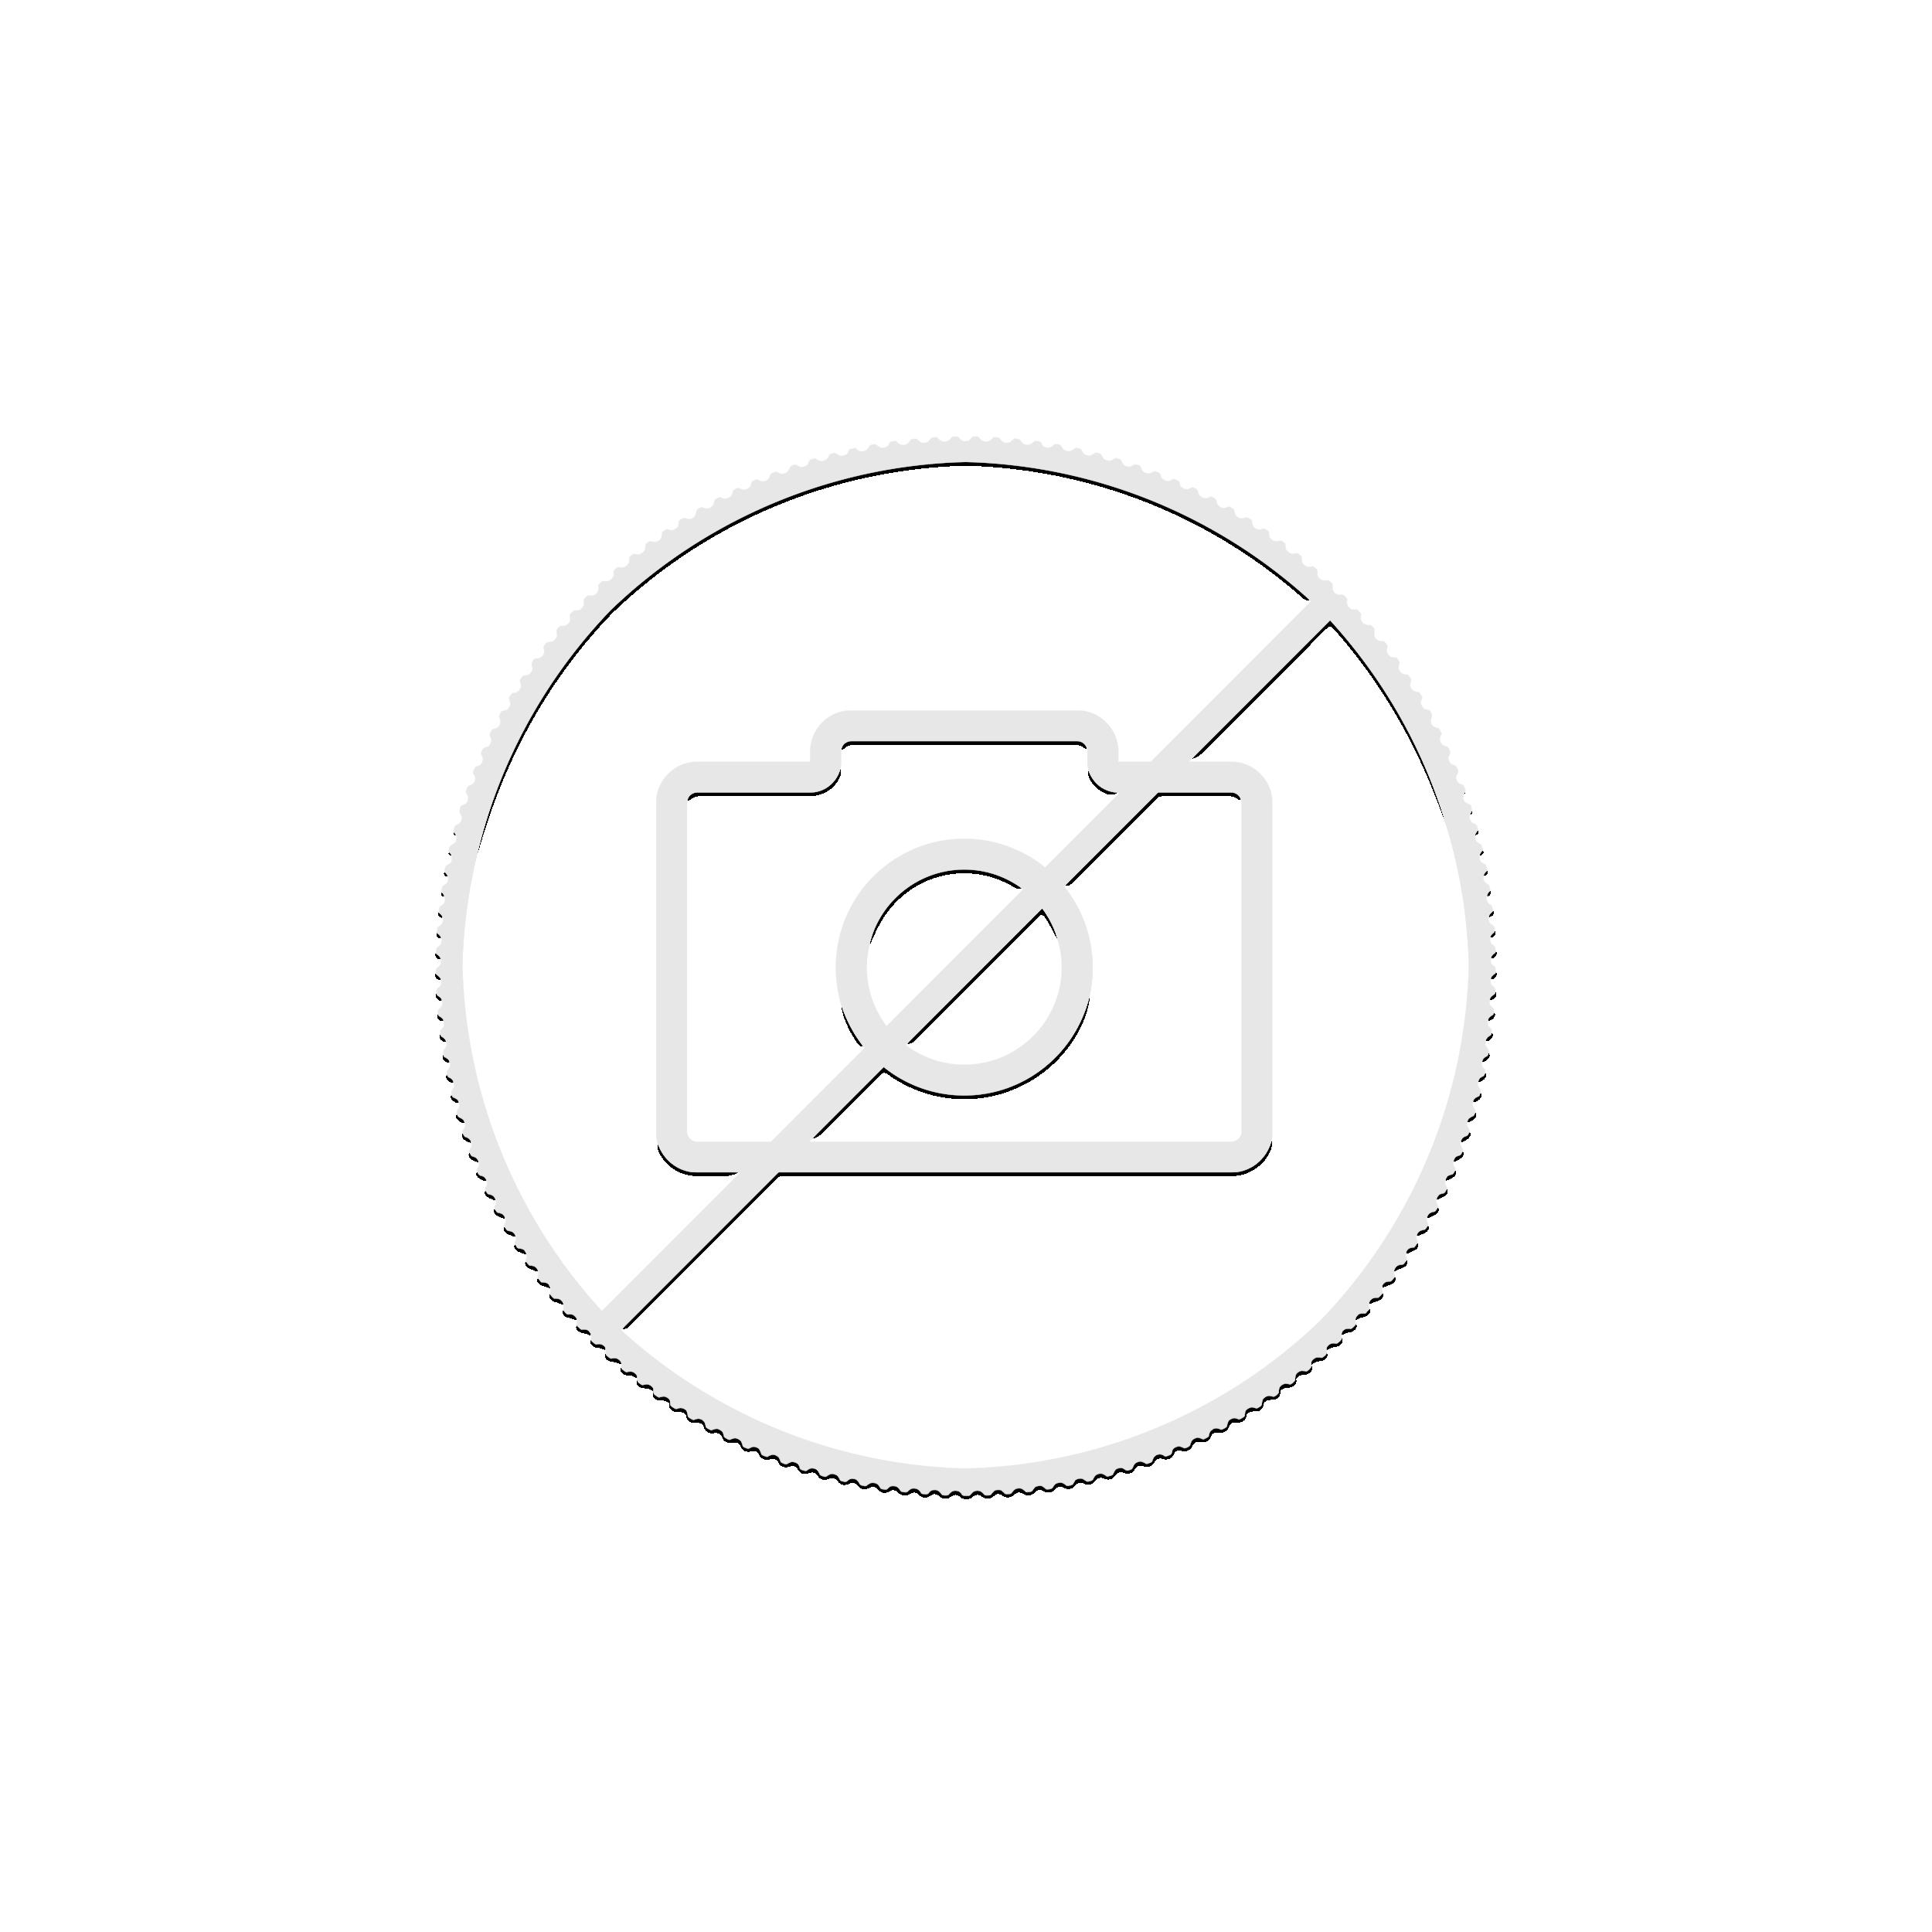 2 troy ounce zilveren munt tranen van de maan 2021